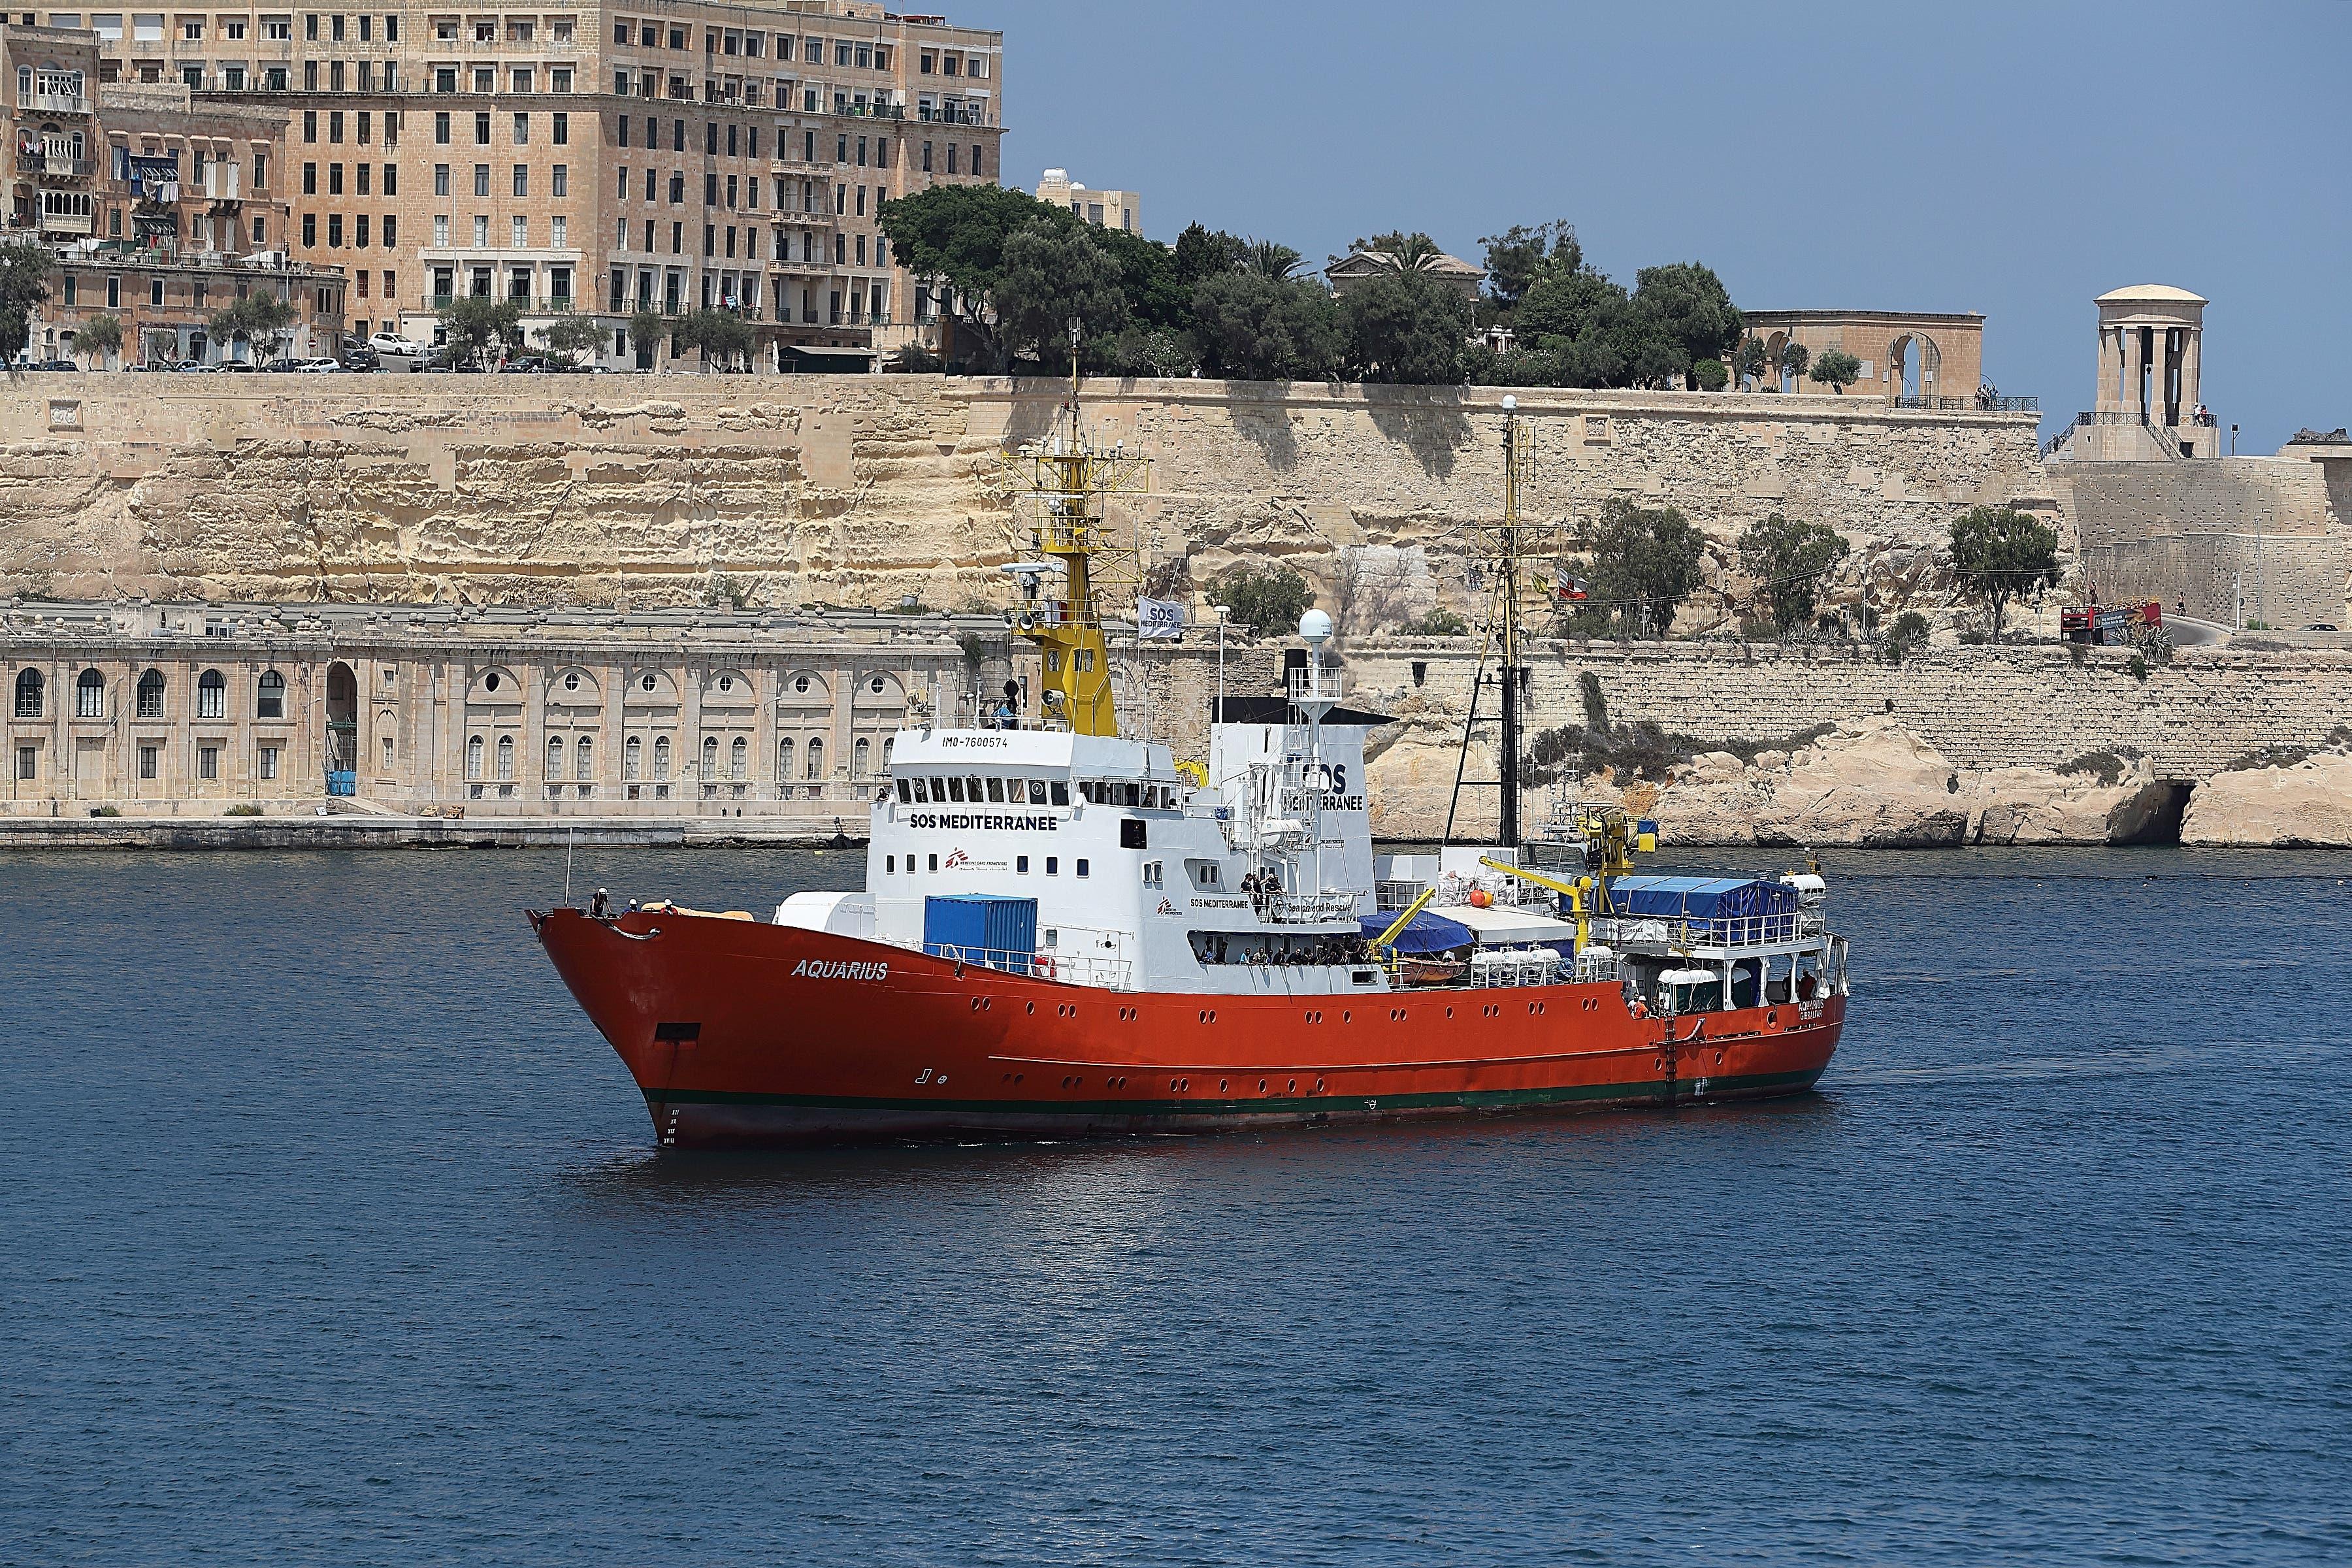 Das Rettungsschiff Aquarius soll unter Schweizer Flagge in See stechen, um Flüchtlinge zu retten. Das fordern über 27 000 Menschen in einer Petition an den Bundesrat und das Parlament. Das Rettungsschiff Aquarius liegt seit letztem Donnerstag im südfranzösischen Marseille und sucht einen neuen Flaggenstaat. Bild: Domenic Aquilina/EPA (Valletta, 15. August 2018)